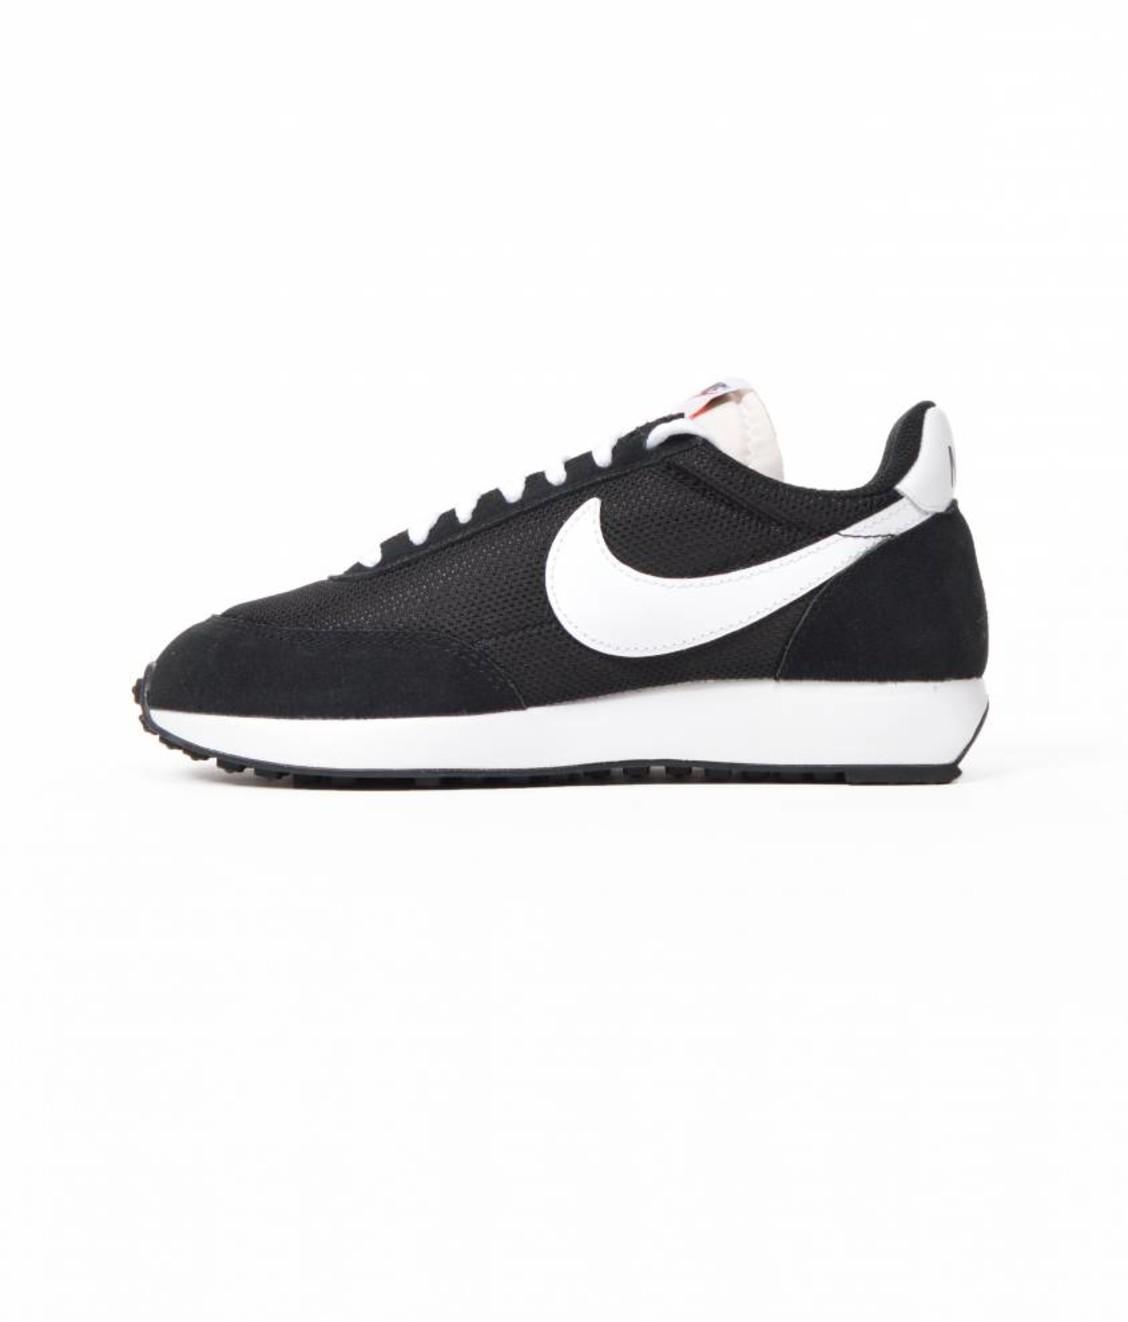 Nike Nike Air Tailwind 79 Black